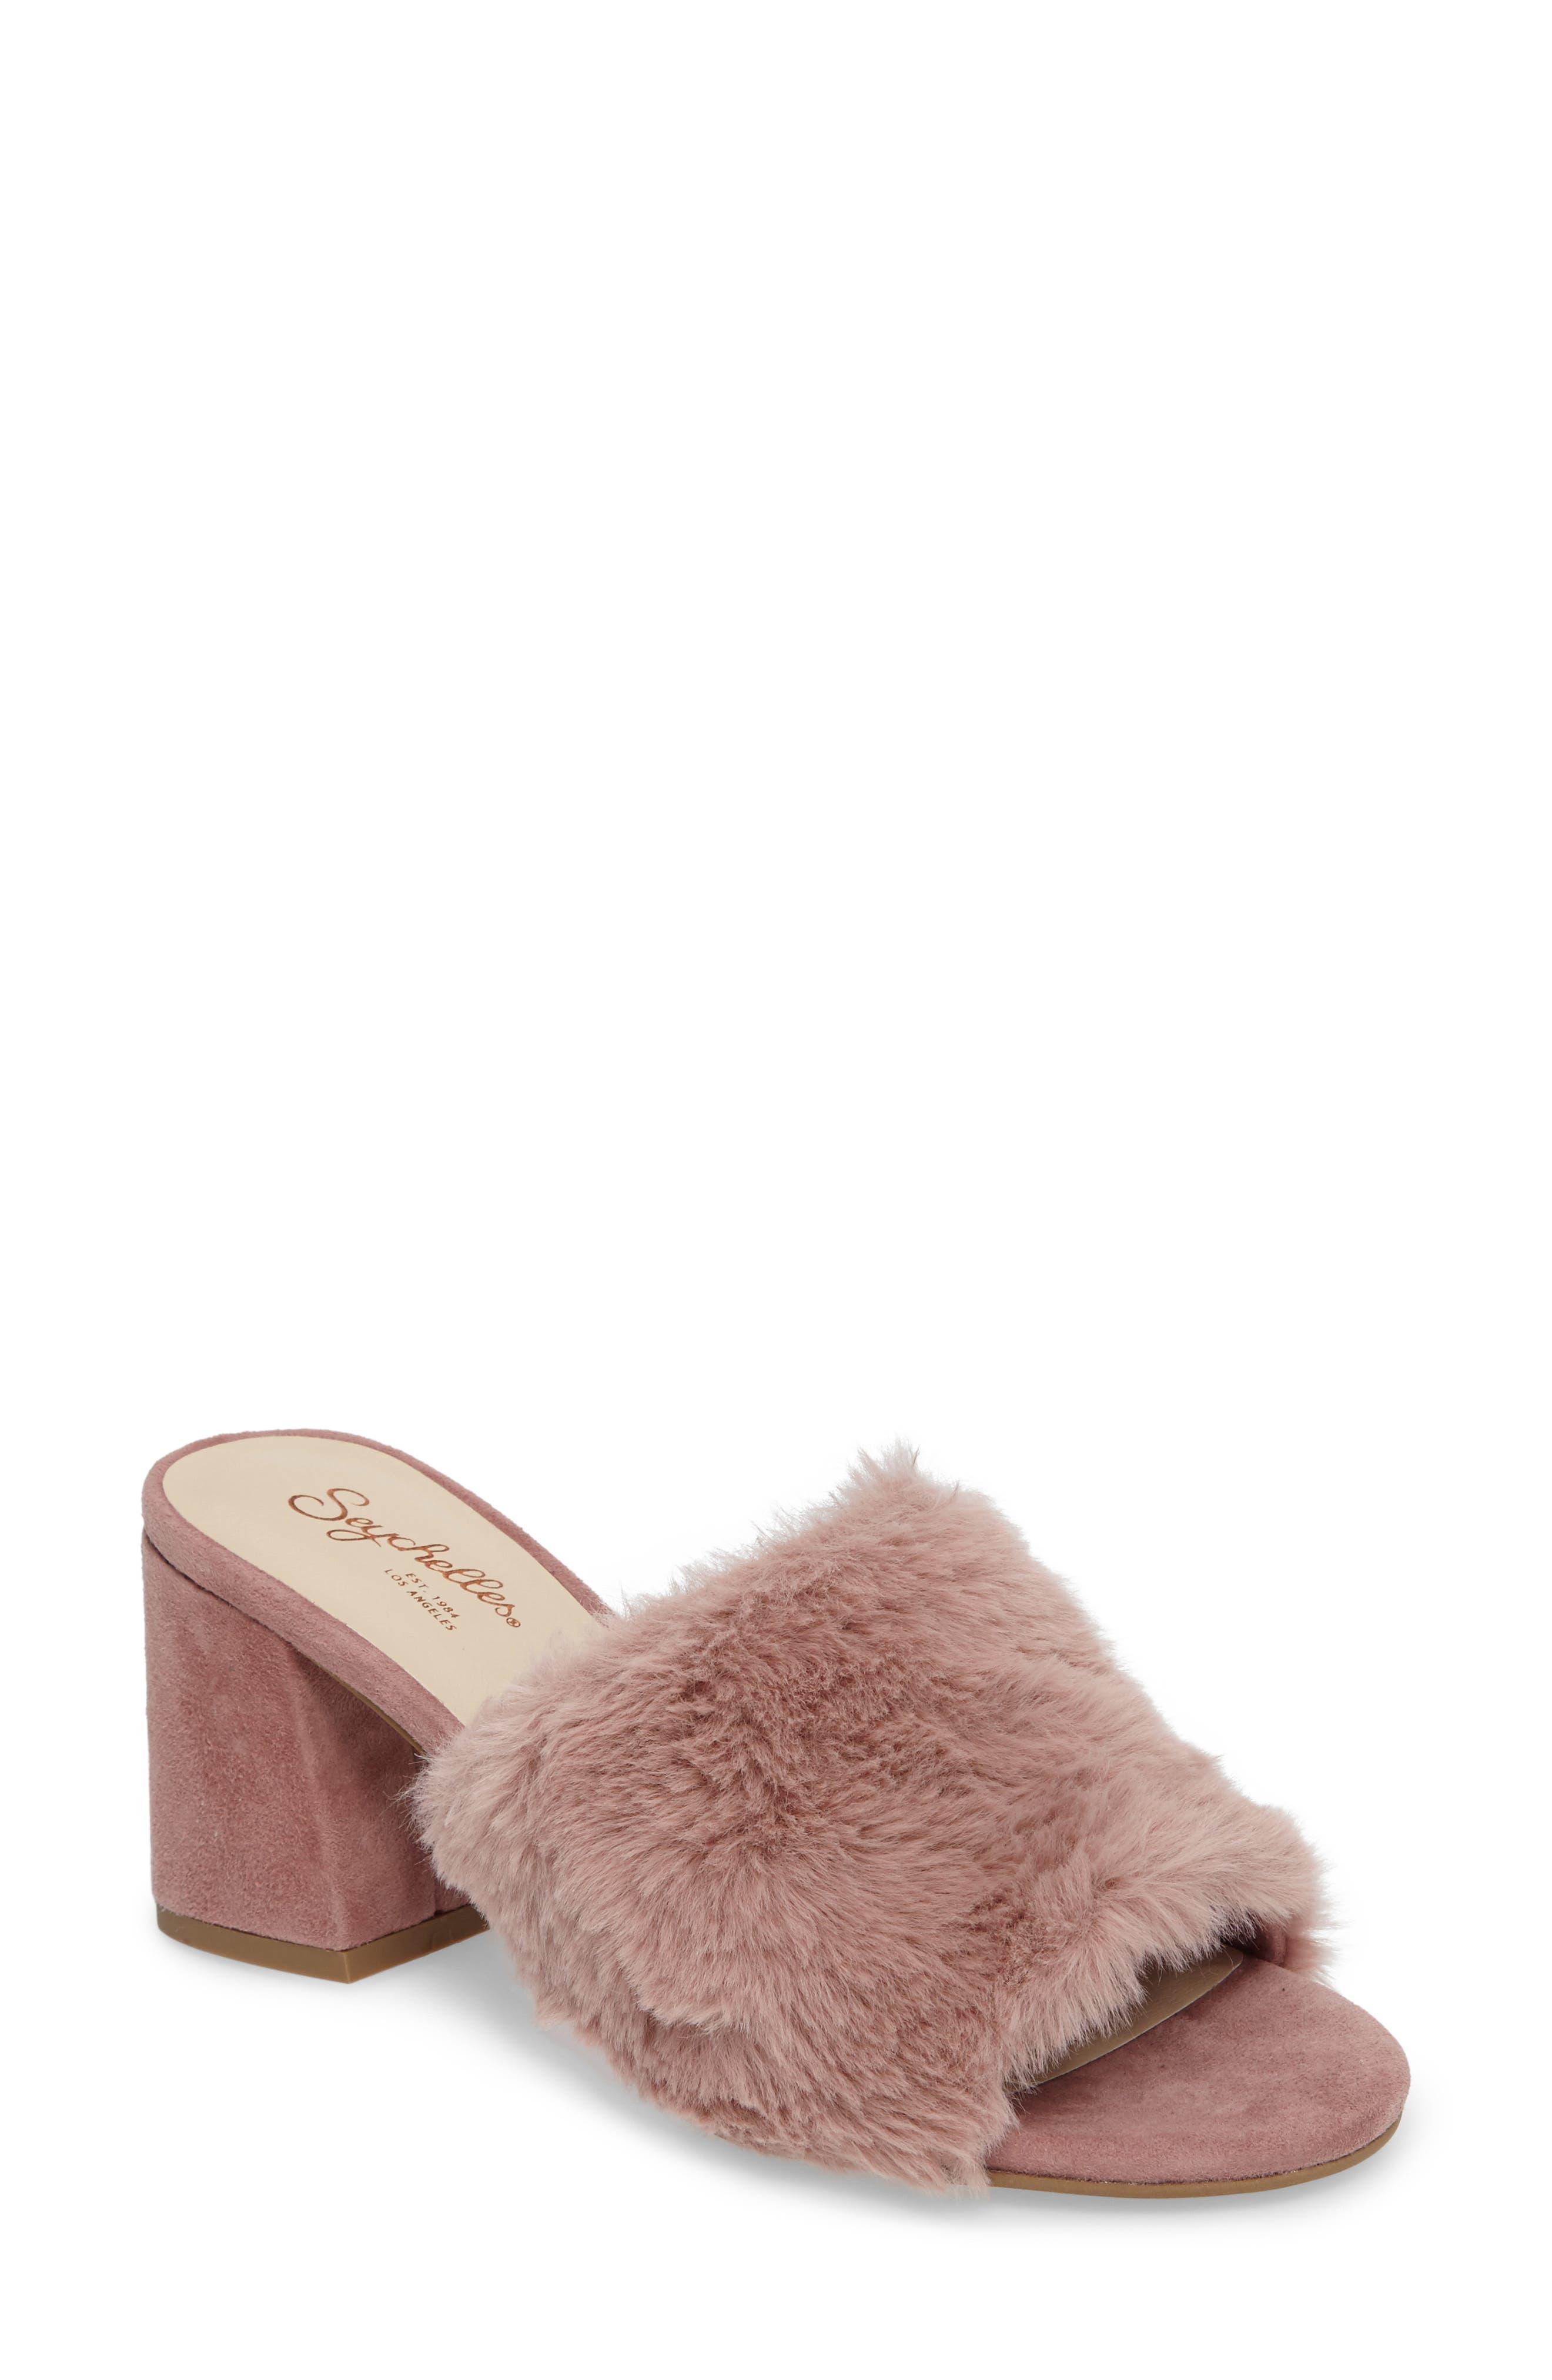 Alternate Image 1 Selected - Seychelles Nobody Else Faux Fur Slide Sandal (Women)